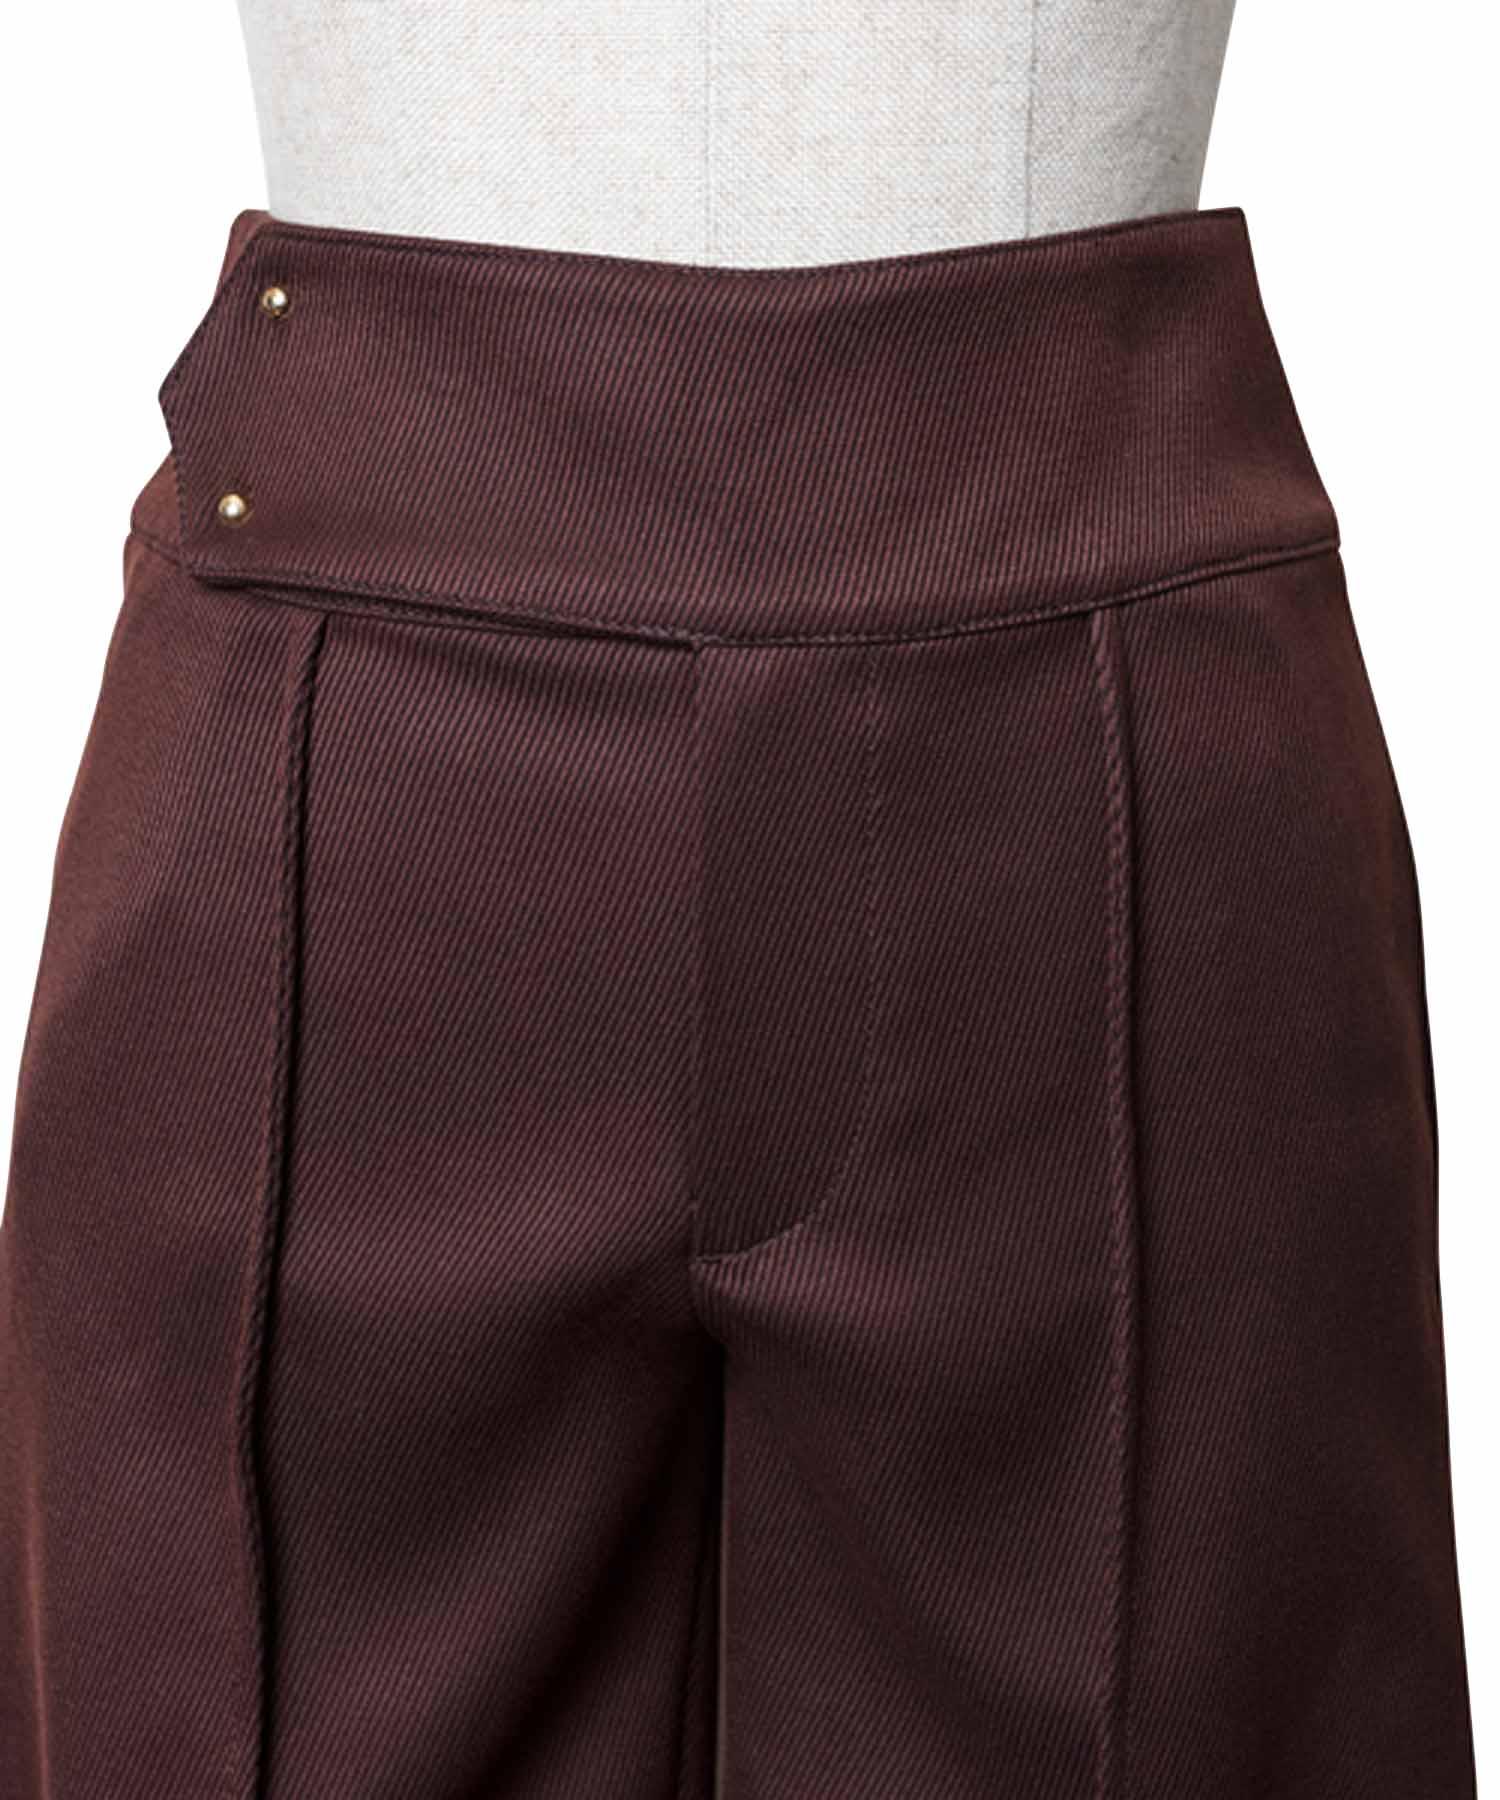 Whip Karsey Pants / brown